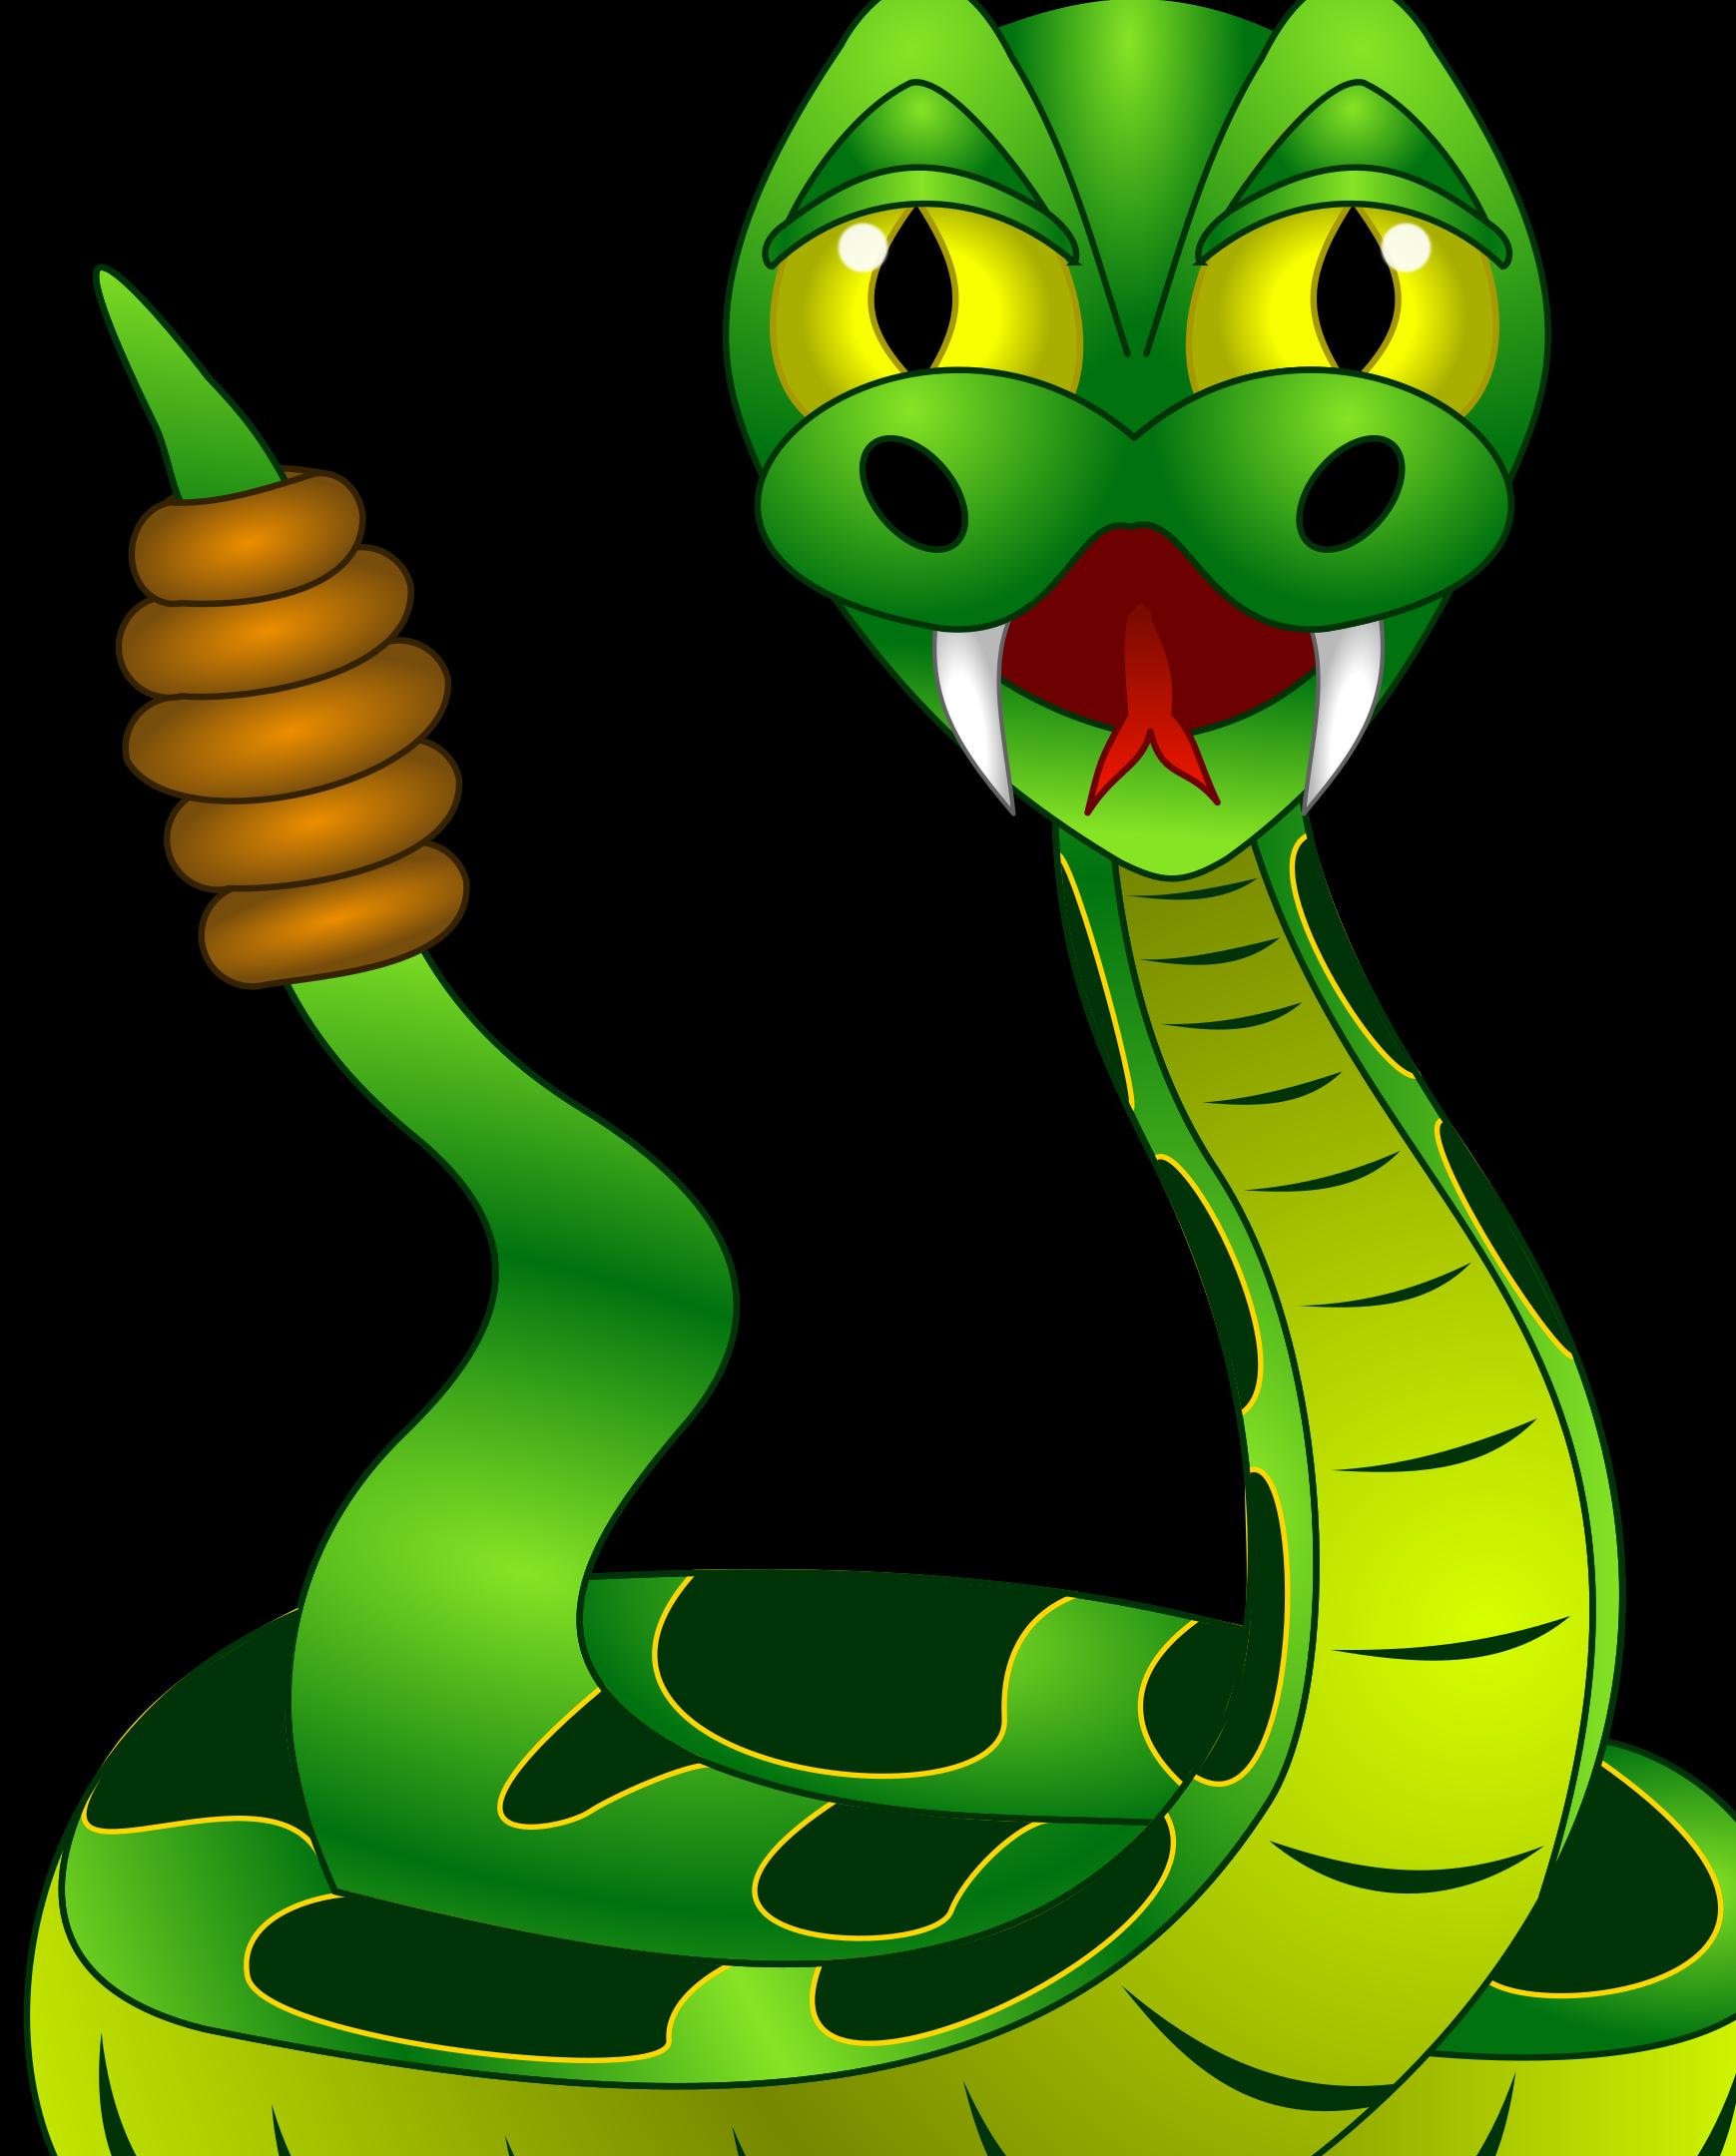 Змейка в картинках, открытки